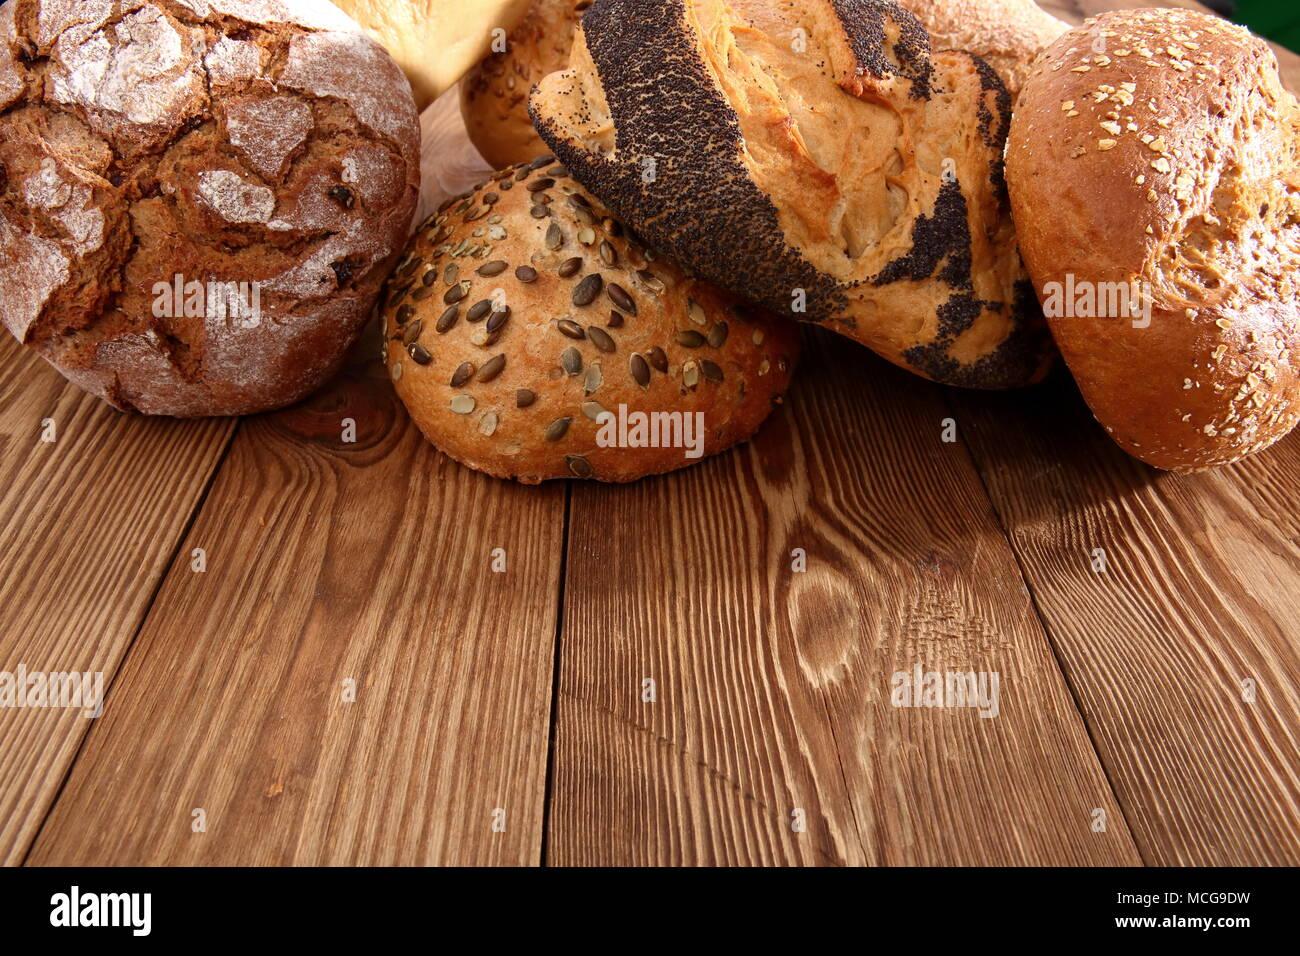 Il pane e i panini al giorno d'oggi si verificano in molti tipi e forme non solo in Polonia ma in tutto il mondo. Immagini Stock